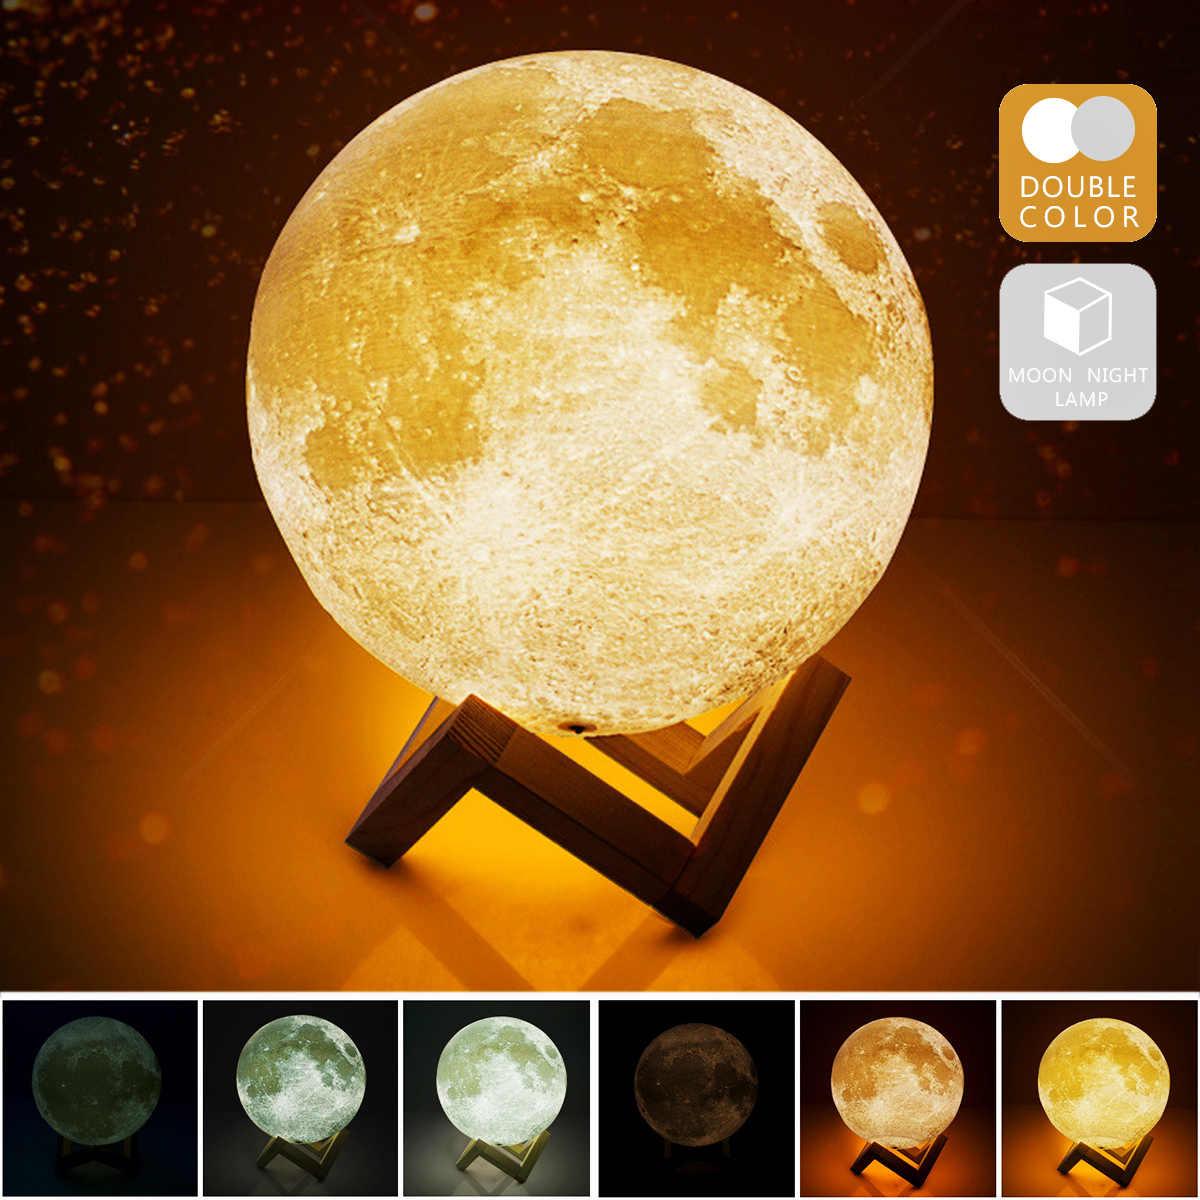 Lámpara de Luna impresa 3D recargable USB 2 colores Control táctil novedad iluminación ajustable lámpara de Luna decoración del hogar